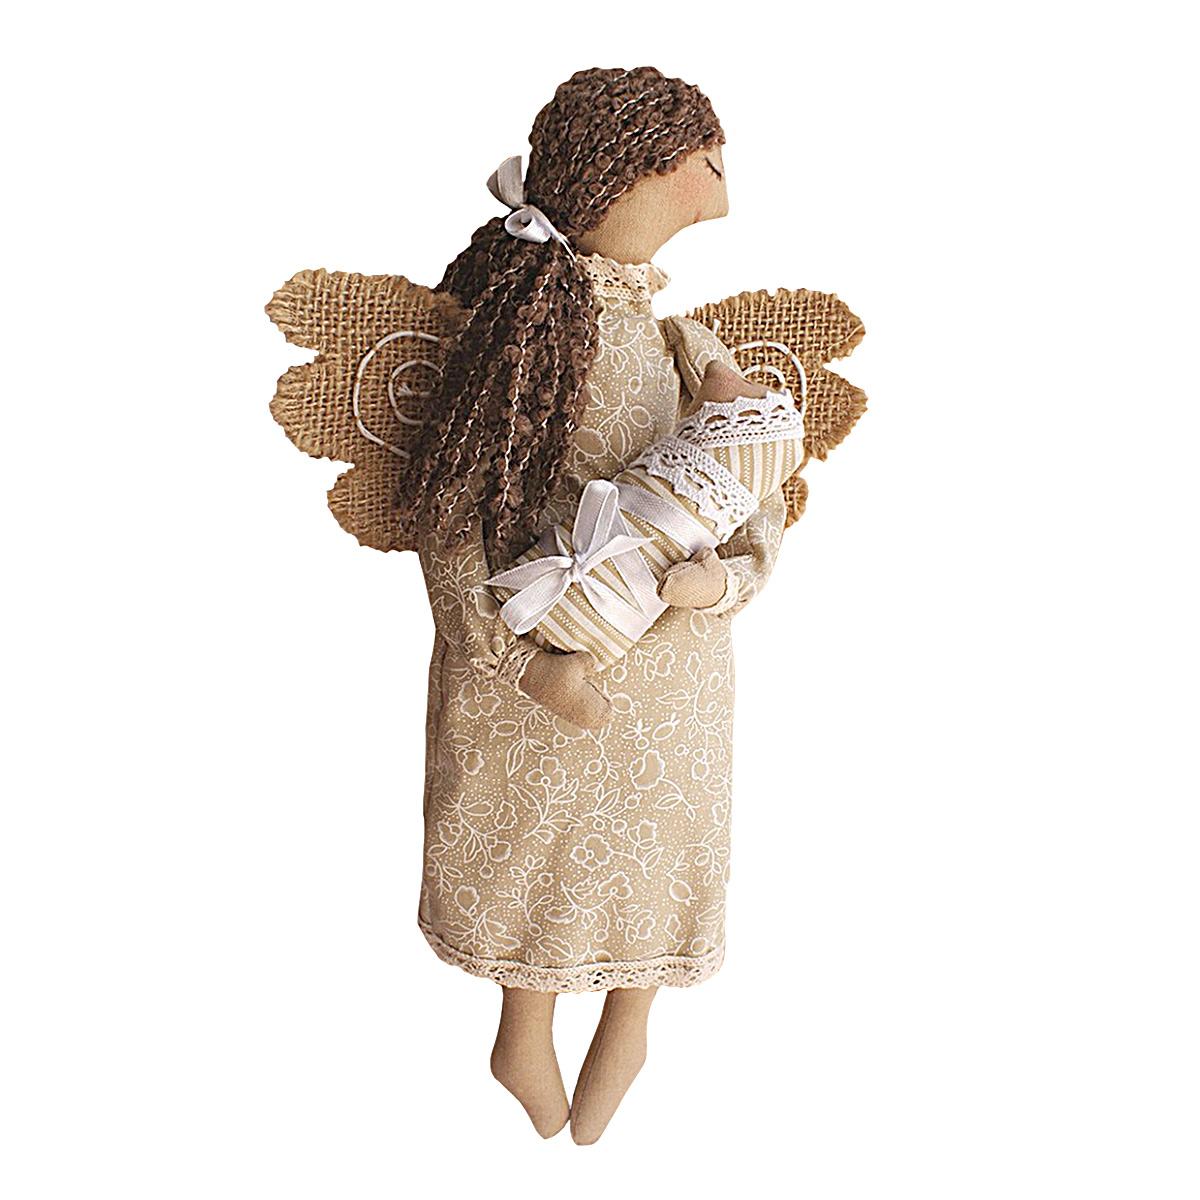 A011 Набор для изготовления игрушки 'ANGEL'S STORY' 34 см